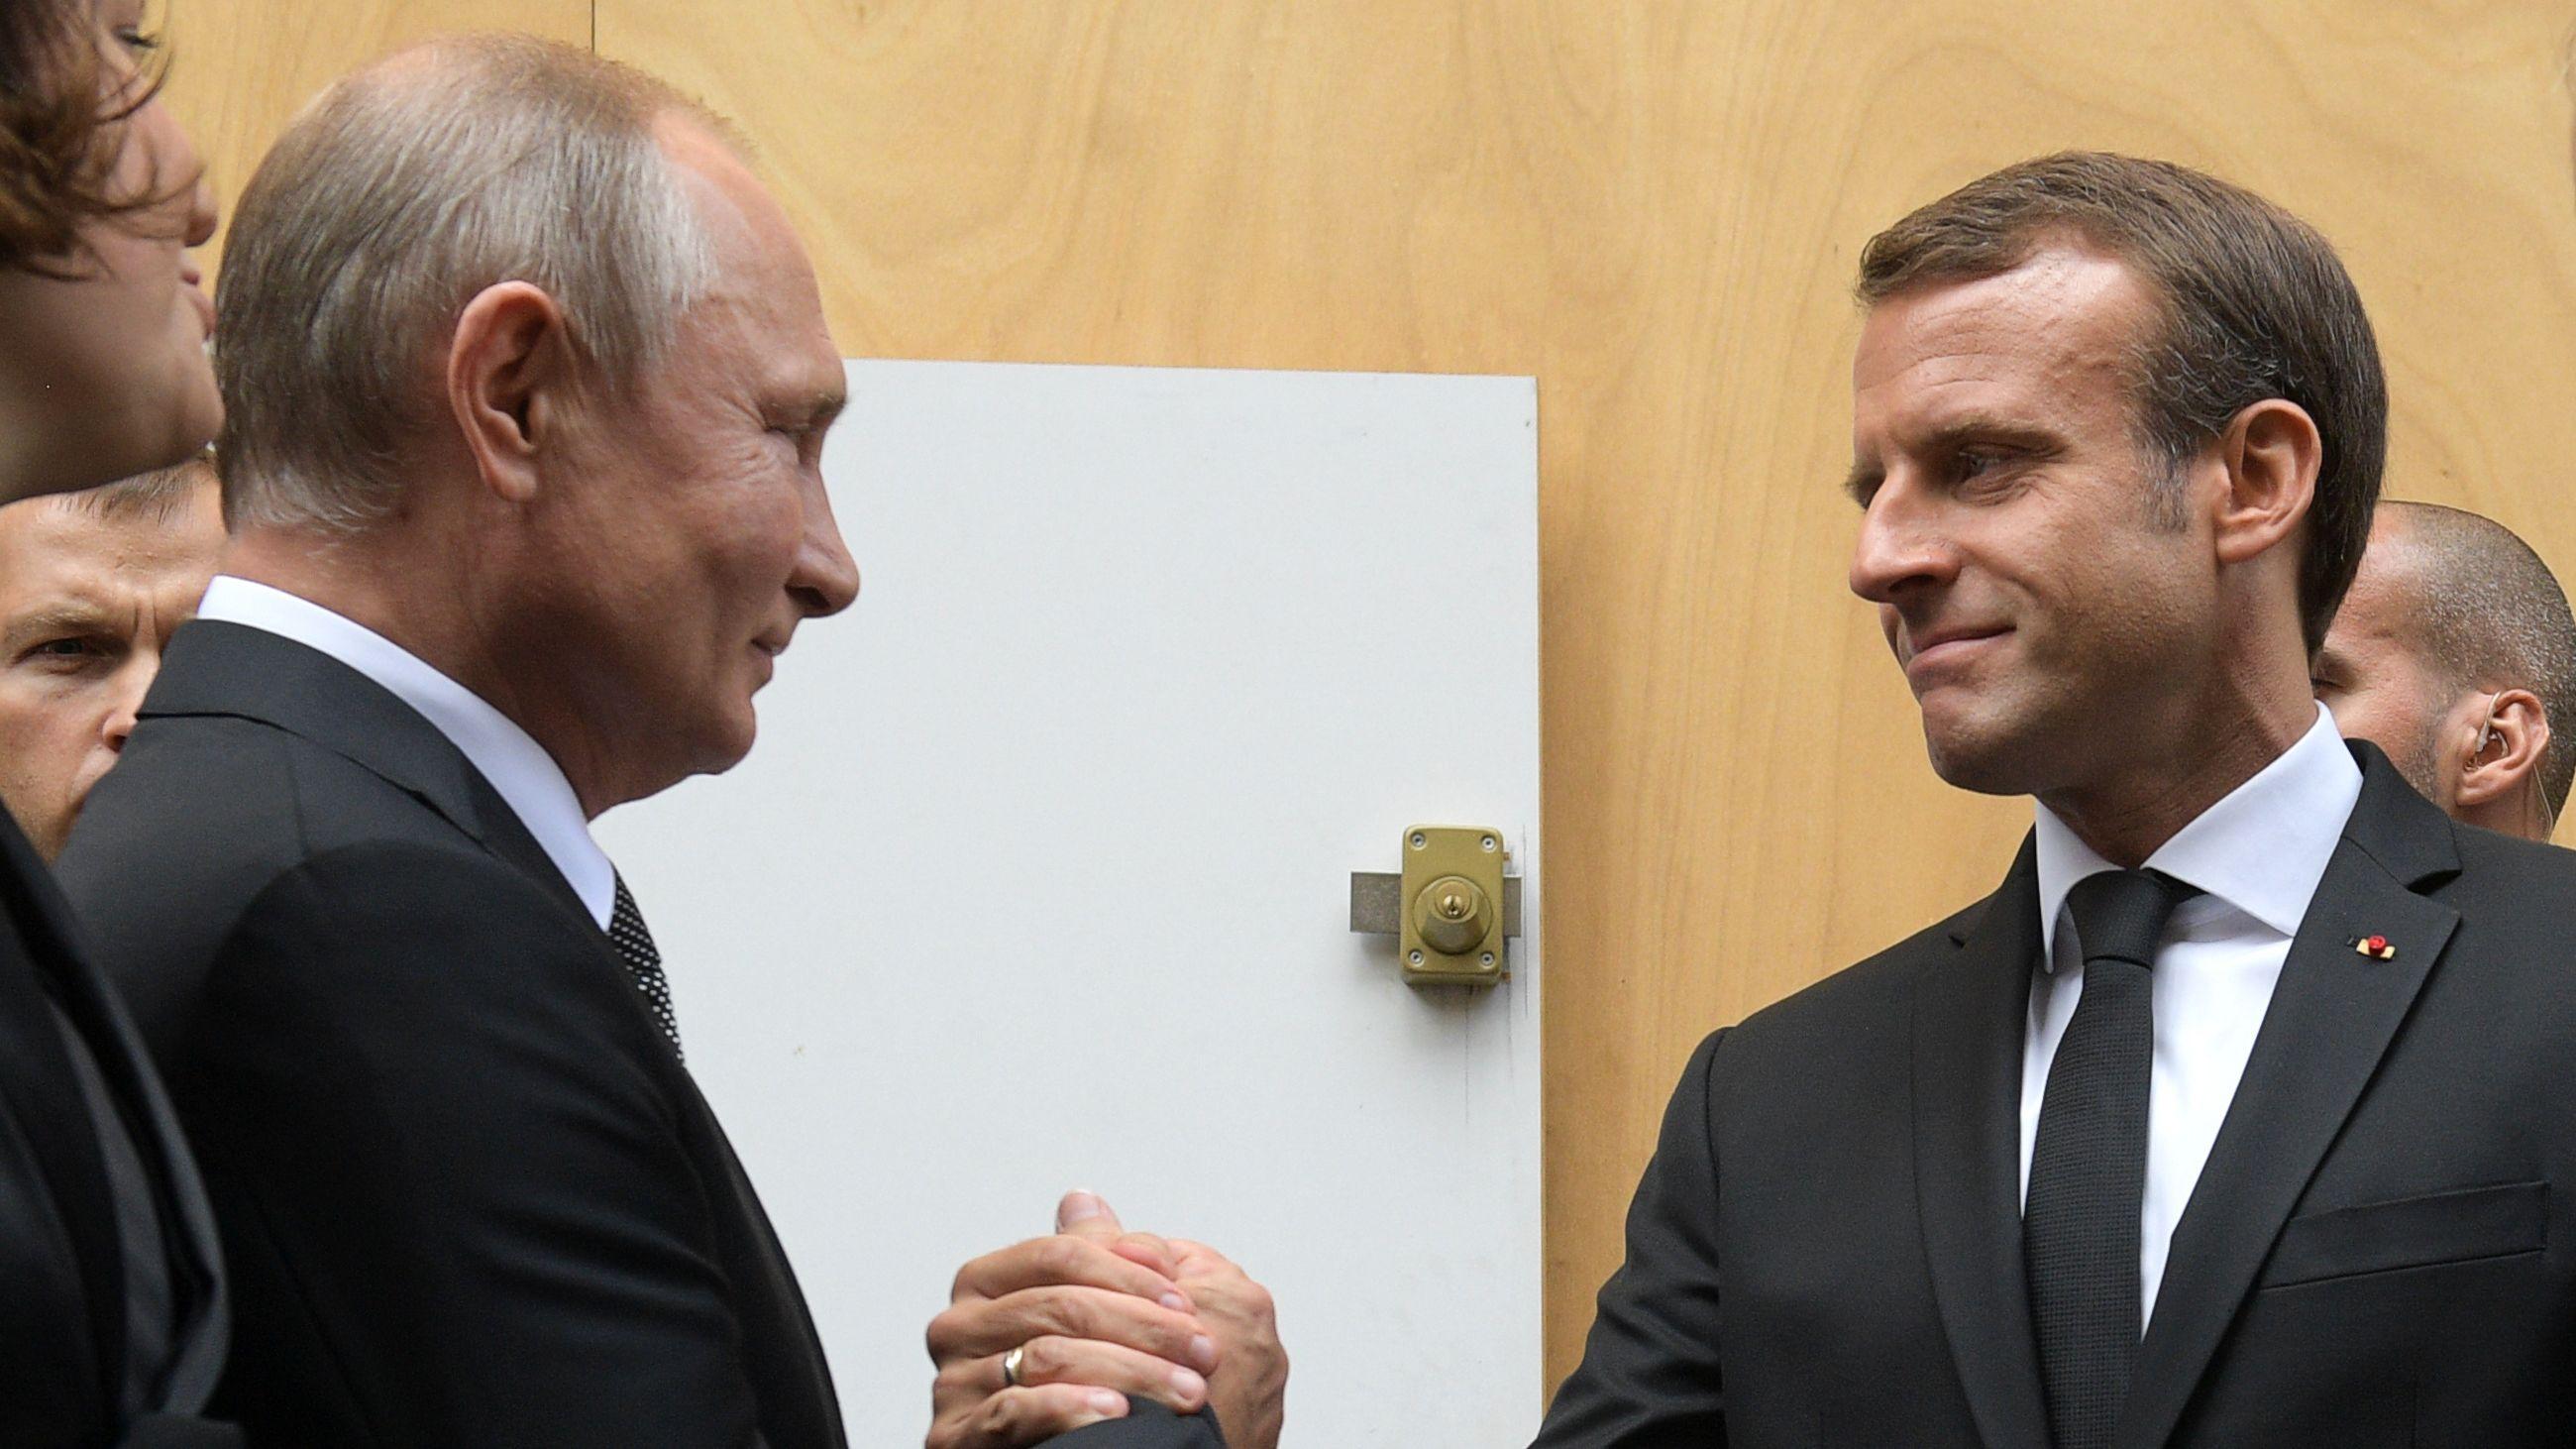 Russlands Präsident Vladimir Putin (L) schüttelt Frankreichs Präsident Emmanuel Macron die Hand nach einer Gedenkveranstaltung für den französischen Ex-Präsidenten Jacques Chirac.